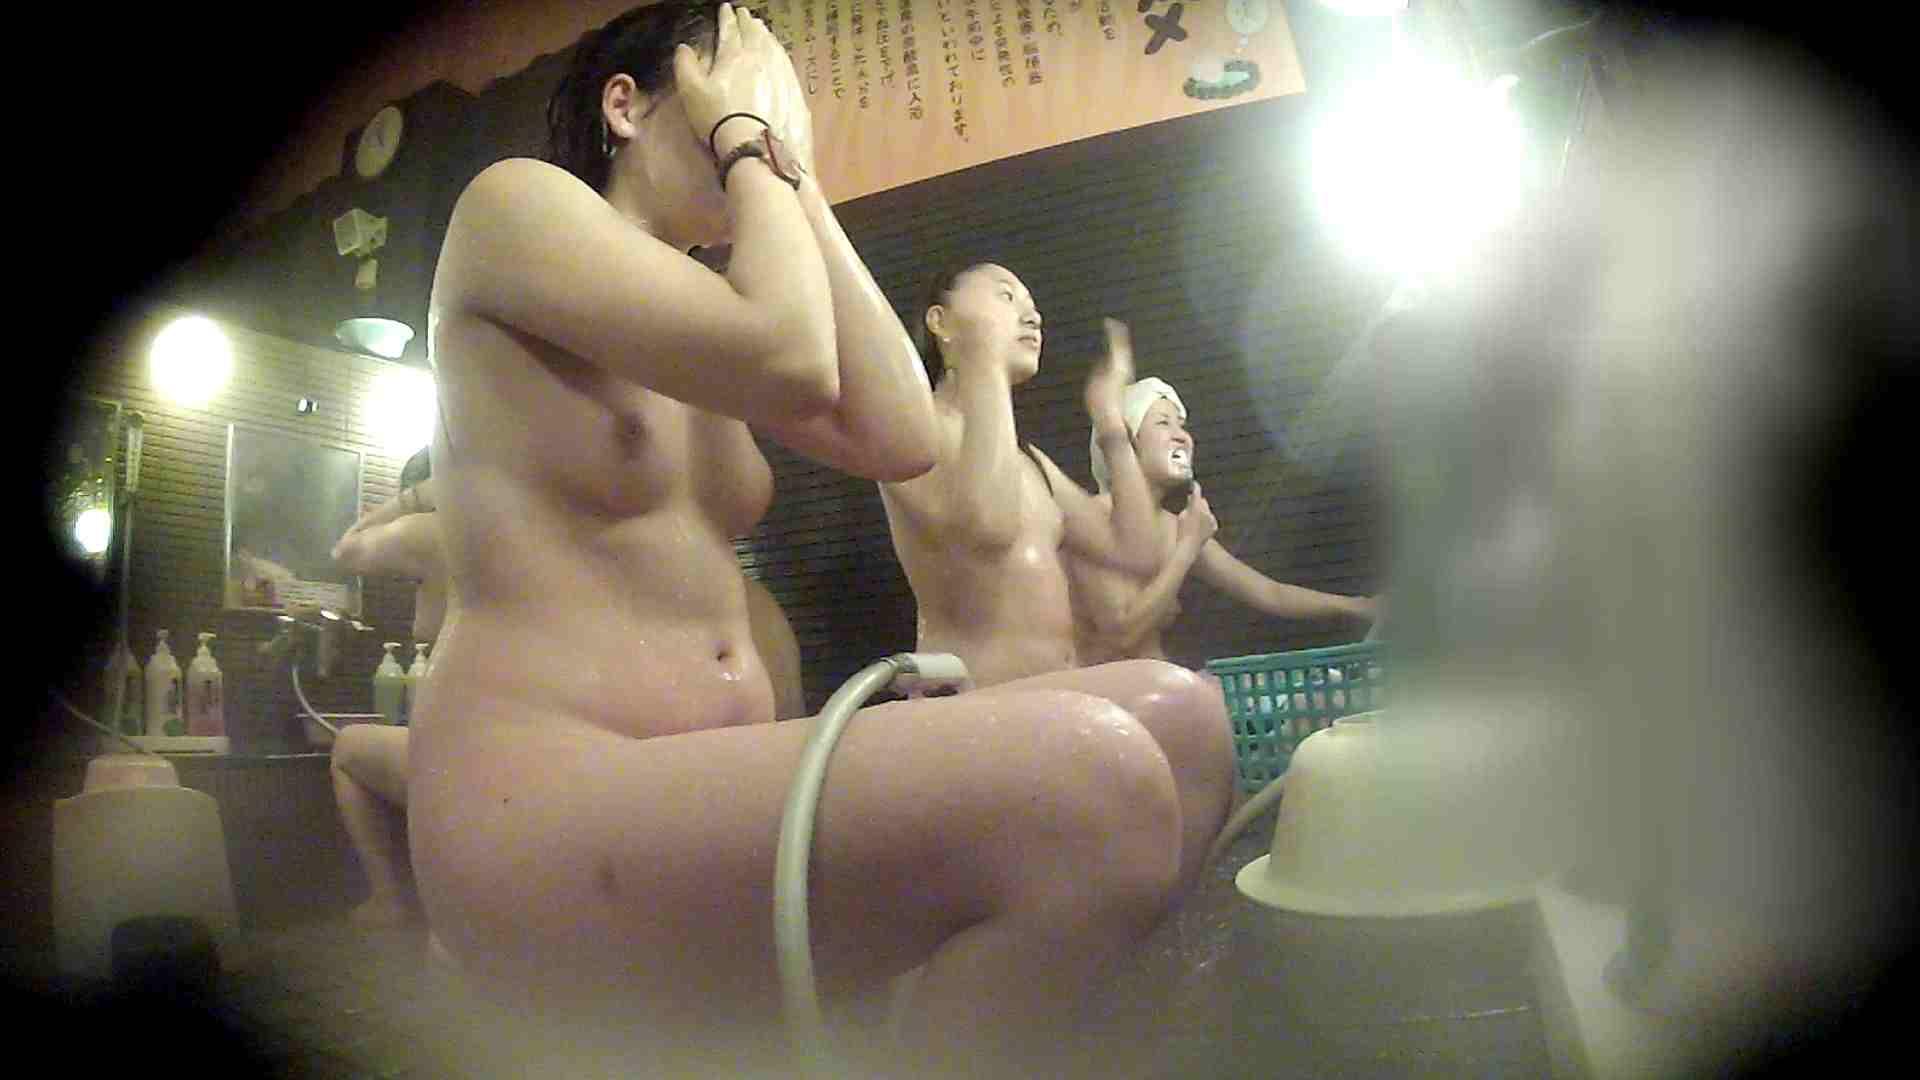 洗い場!お二人とも清楚でお美しいでございます。 銭湯   潜入エロ調査  76連発 16